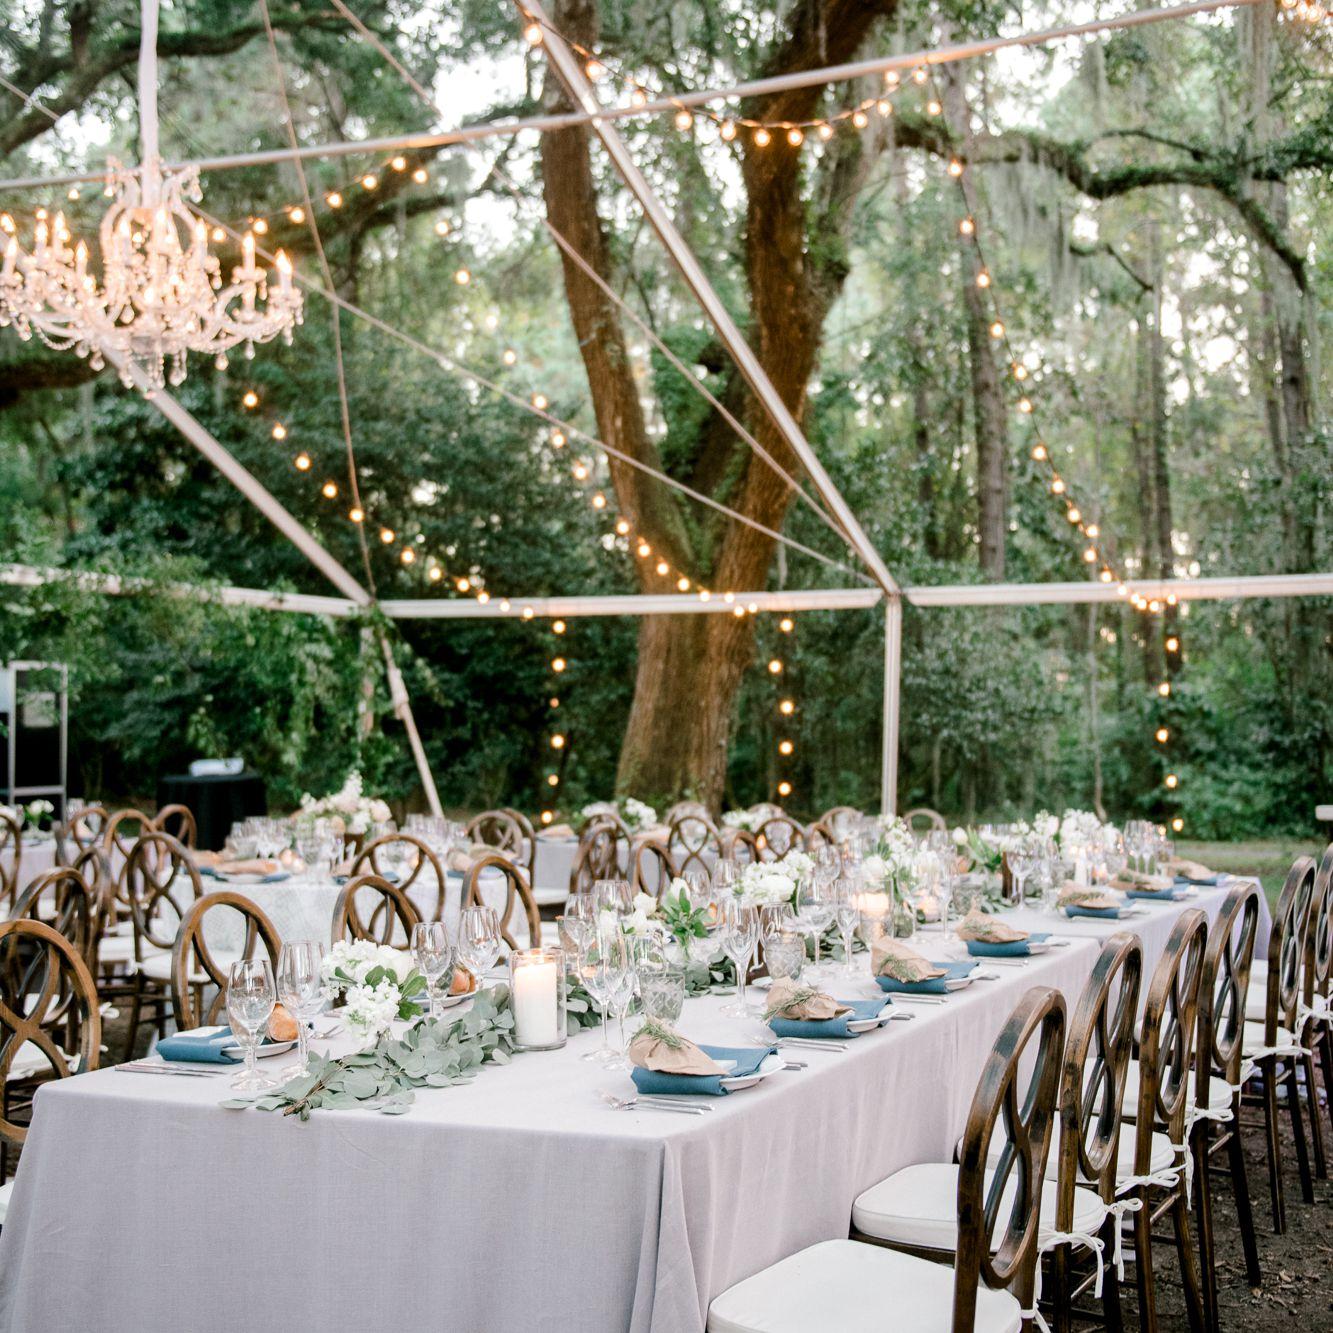 Backyard Wedding Ideas: 40 Ways to Say 'I Do' in Your Backyard